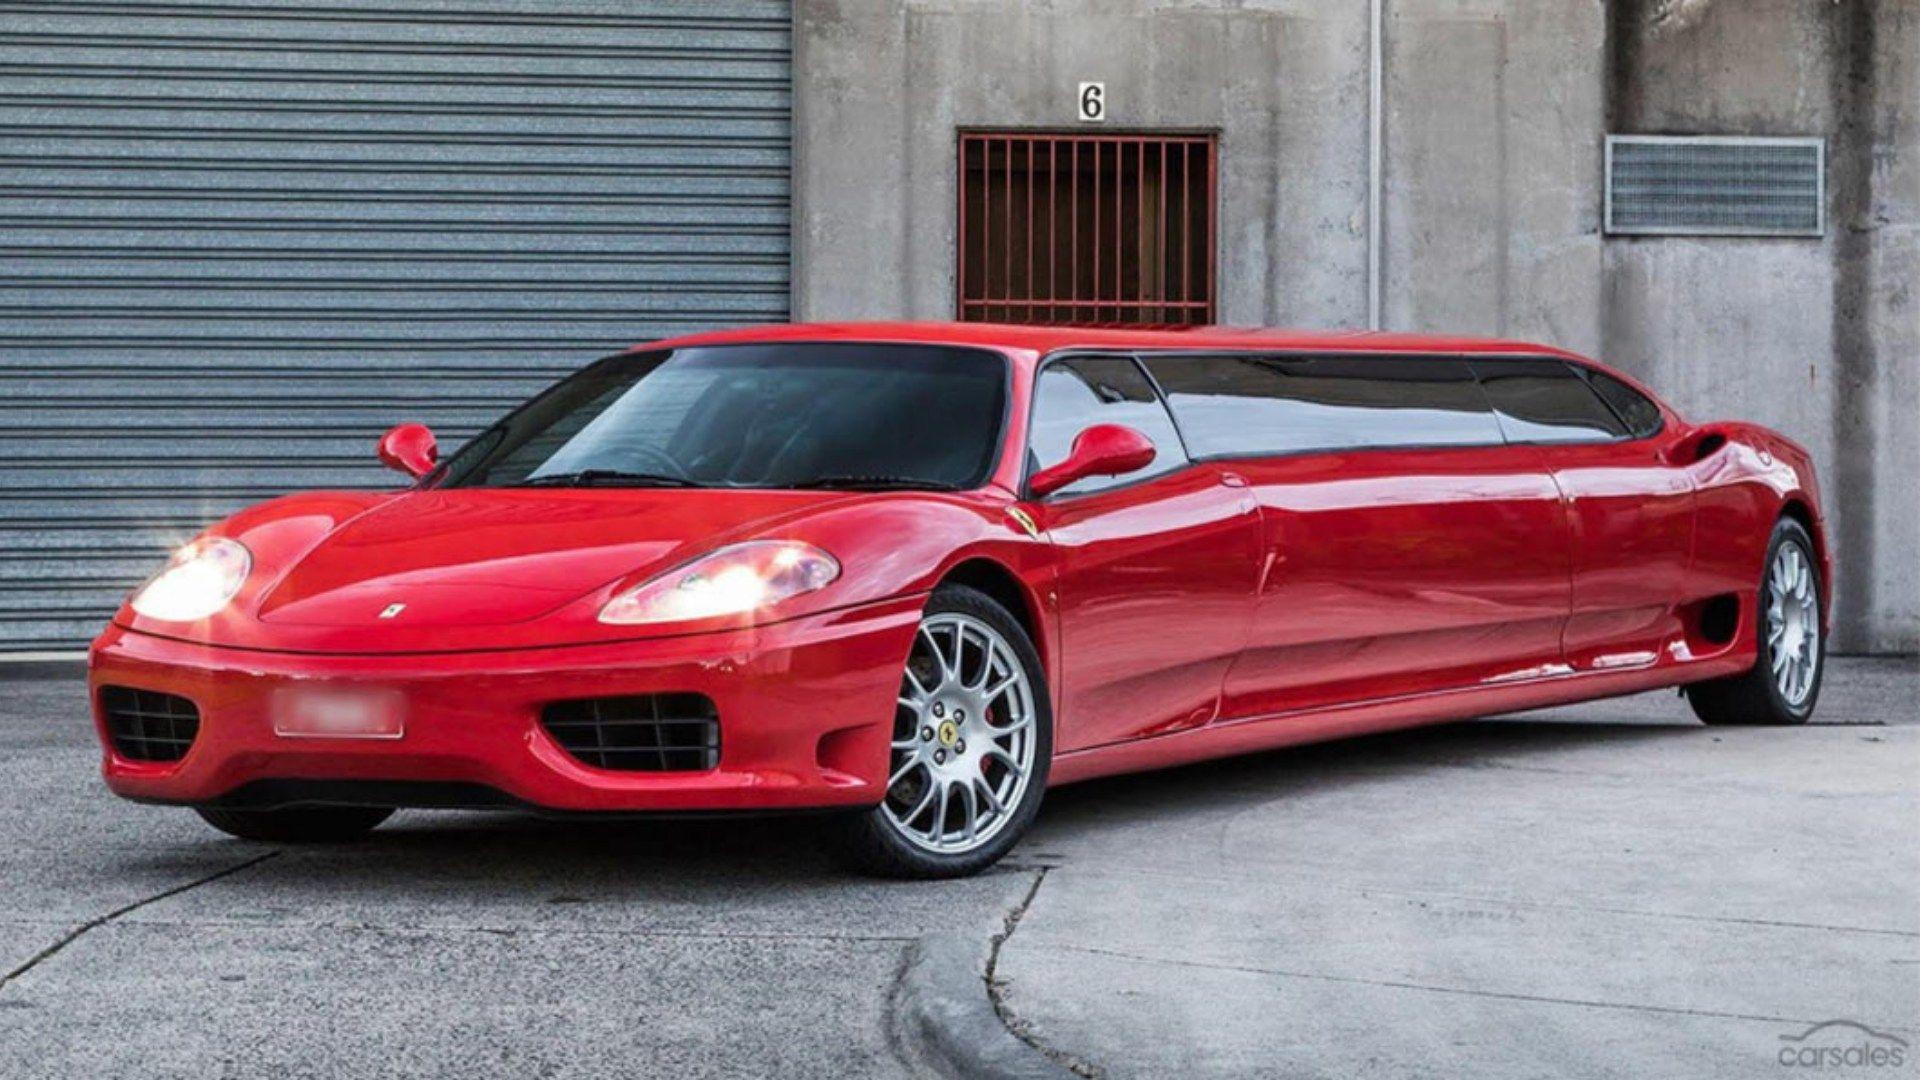 Parabrisas Piden 285 000 Dólares Por Una Ferrari Convertida En Limusina